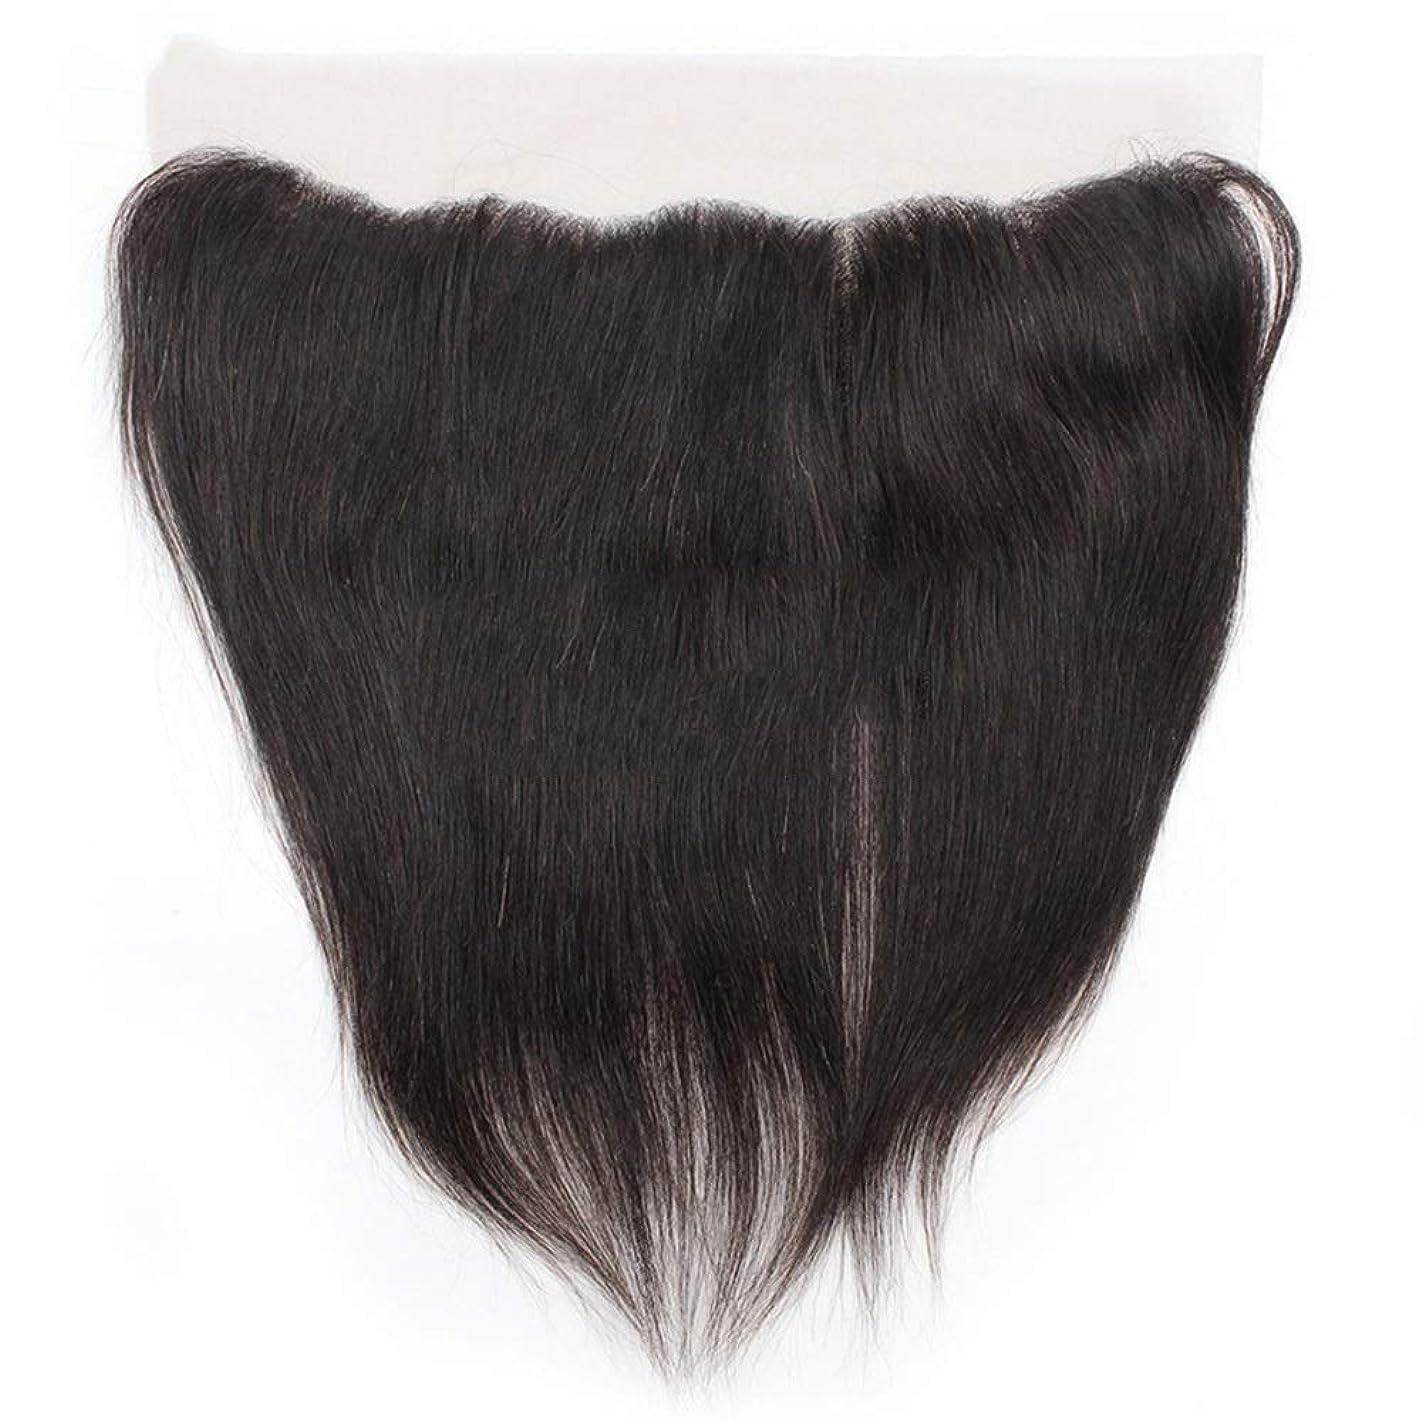 ネックレス敬ステップBOBIDYEE 絹のような長いレースの閉鎖ストレートヘアレース前頭9Aブラジル髪の耳から耳への13 x 4自由な部分の人間の毛髪の自然な色の人工毛レースのかつらロールプレイングかつら長くて短い女性自然 (色 : 黒, サイズ : 14 inch)